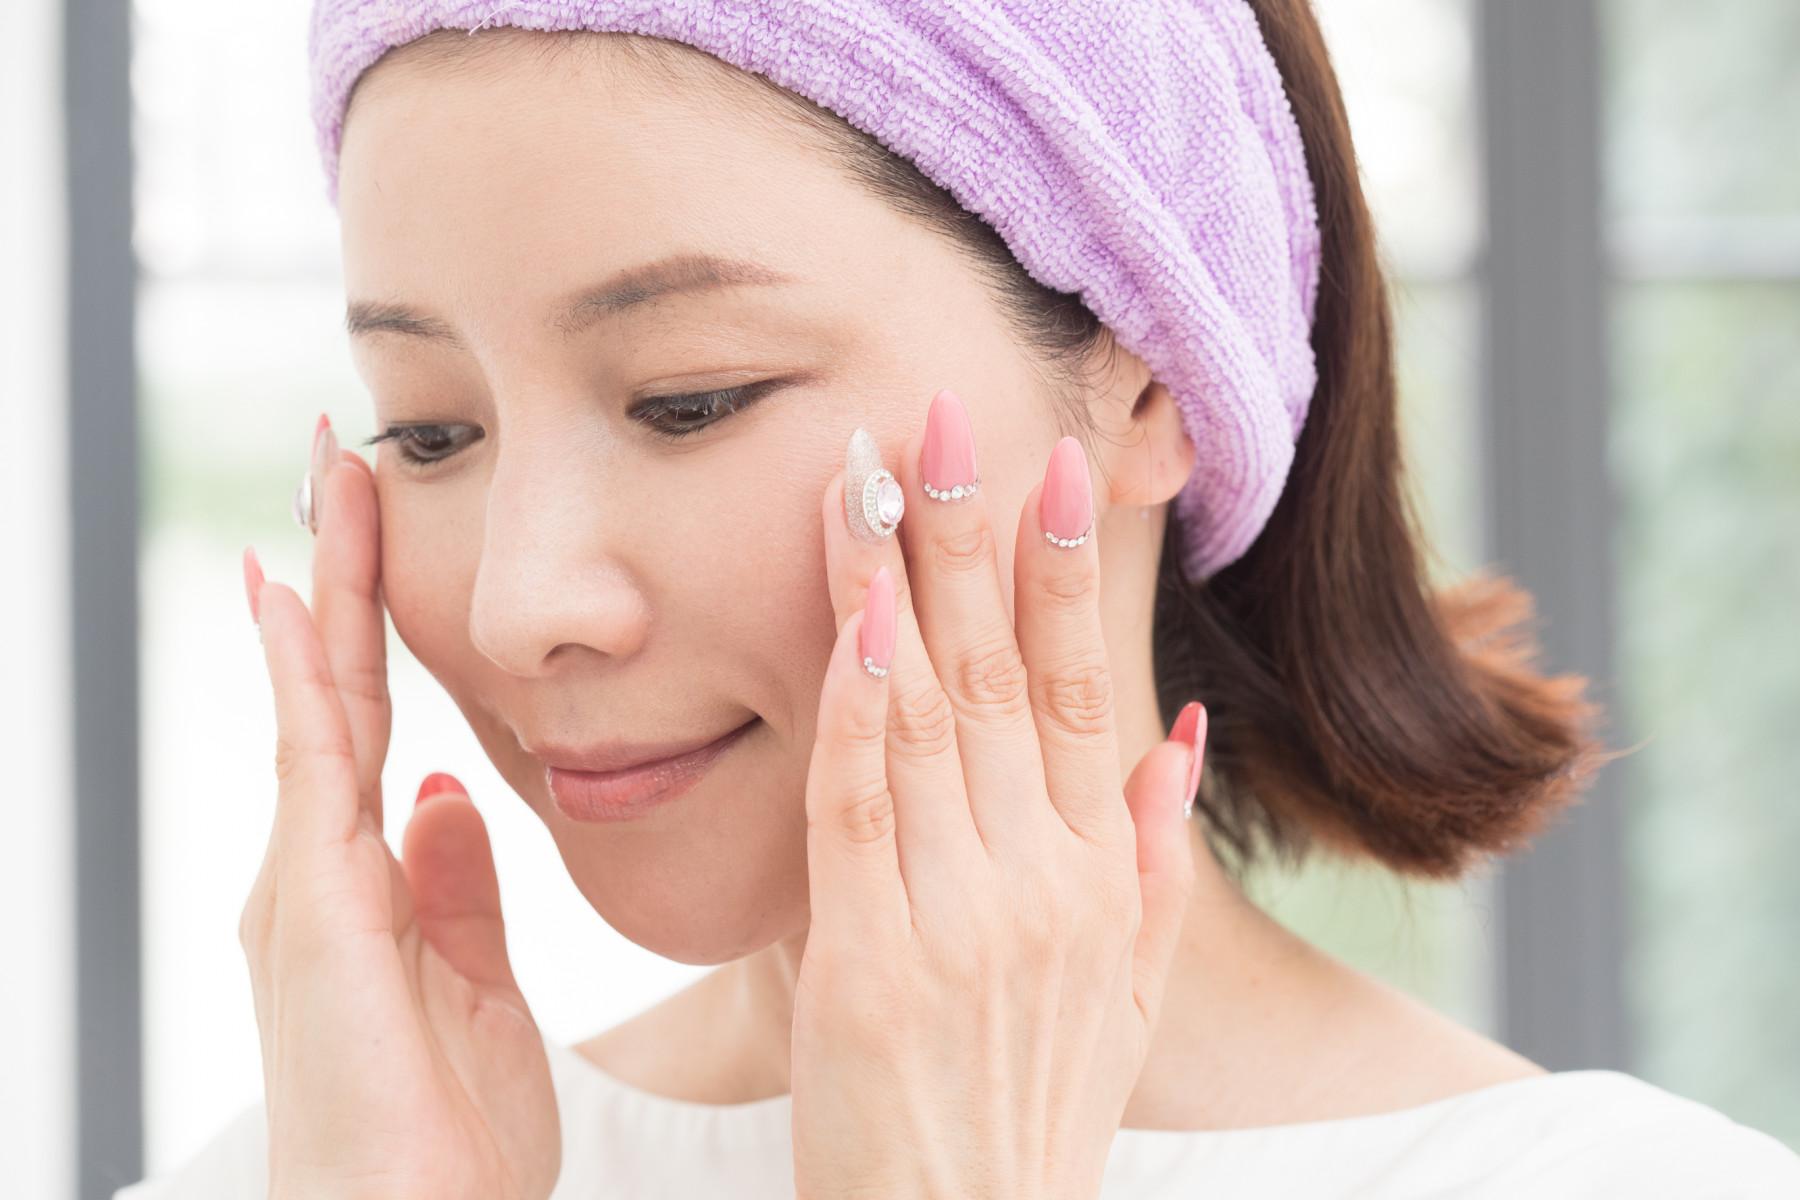 水谷雅子さん洗顔1